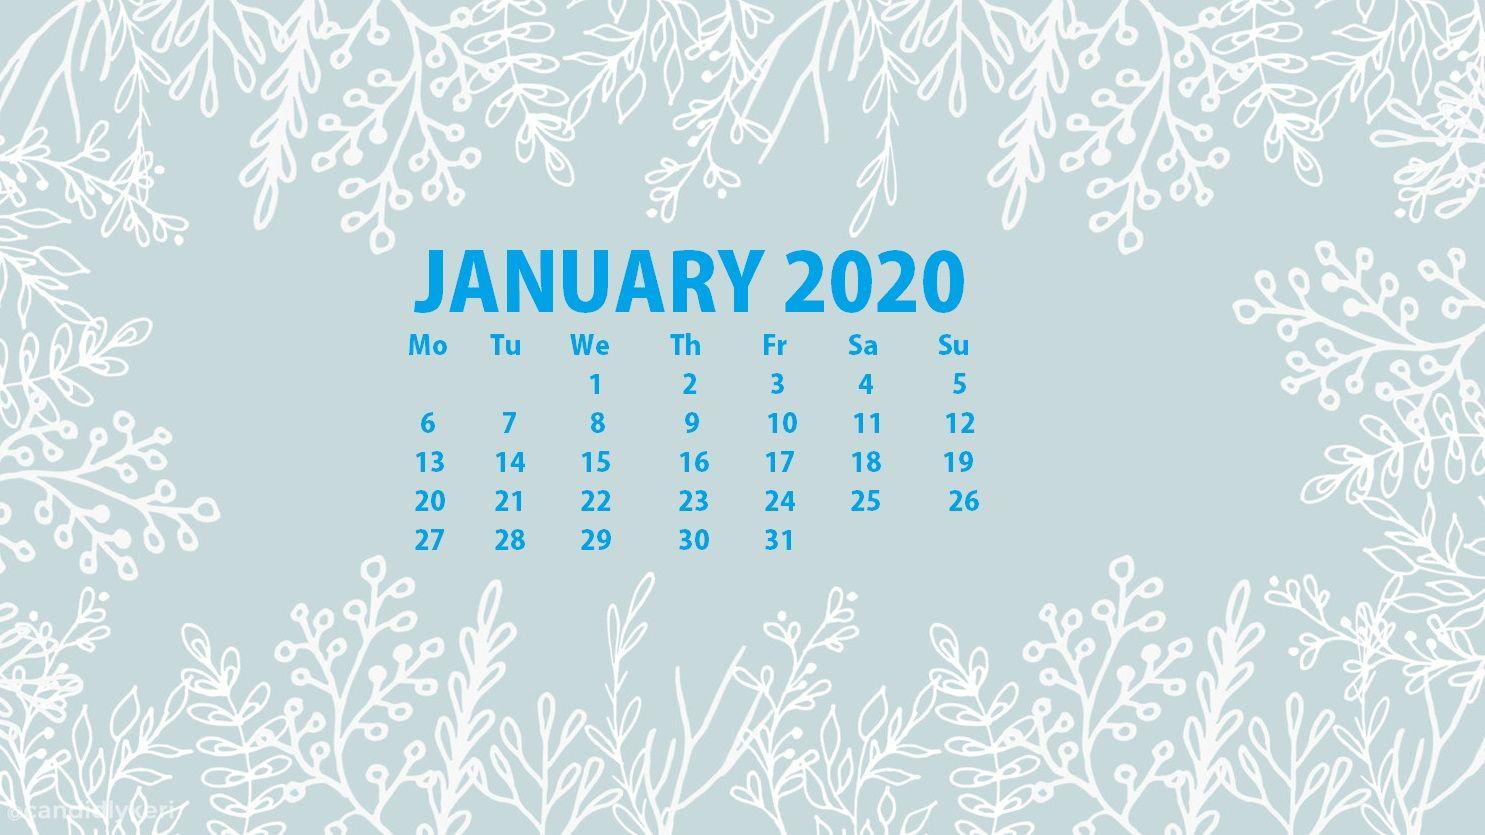 January 2020 Calendar Wallpapers   Top January 2020 Calendar 1485x835